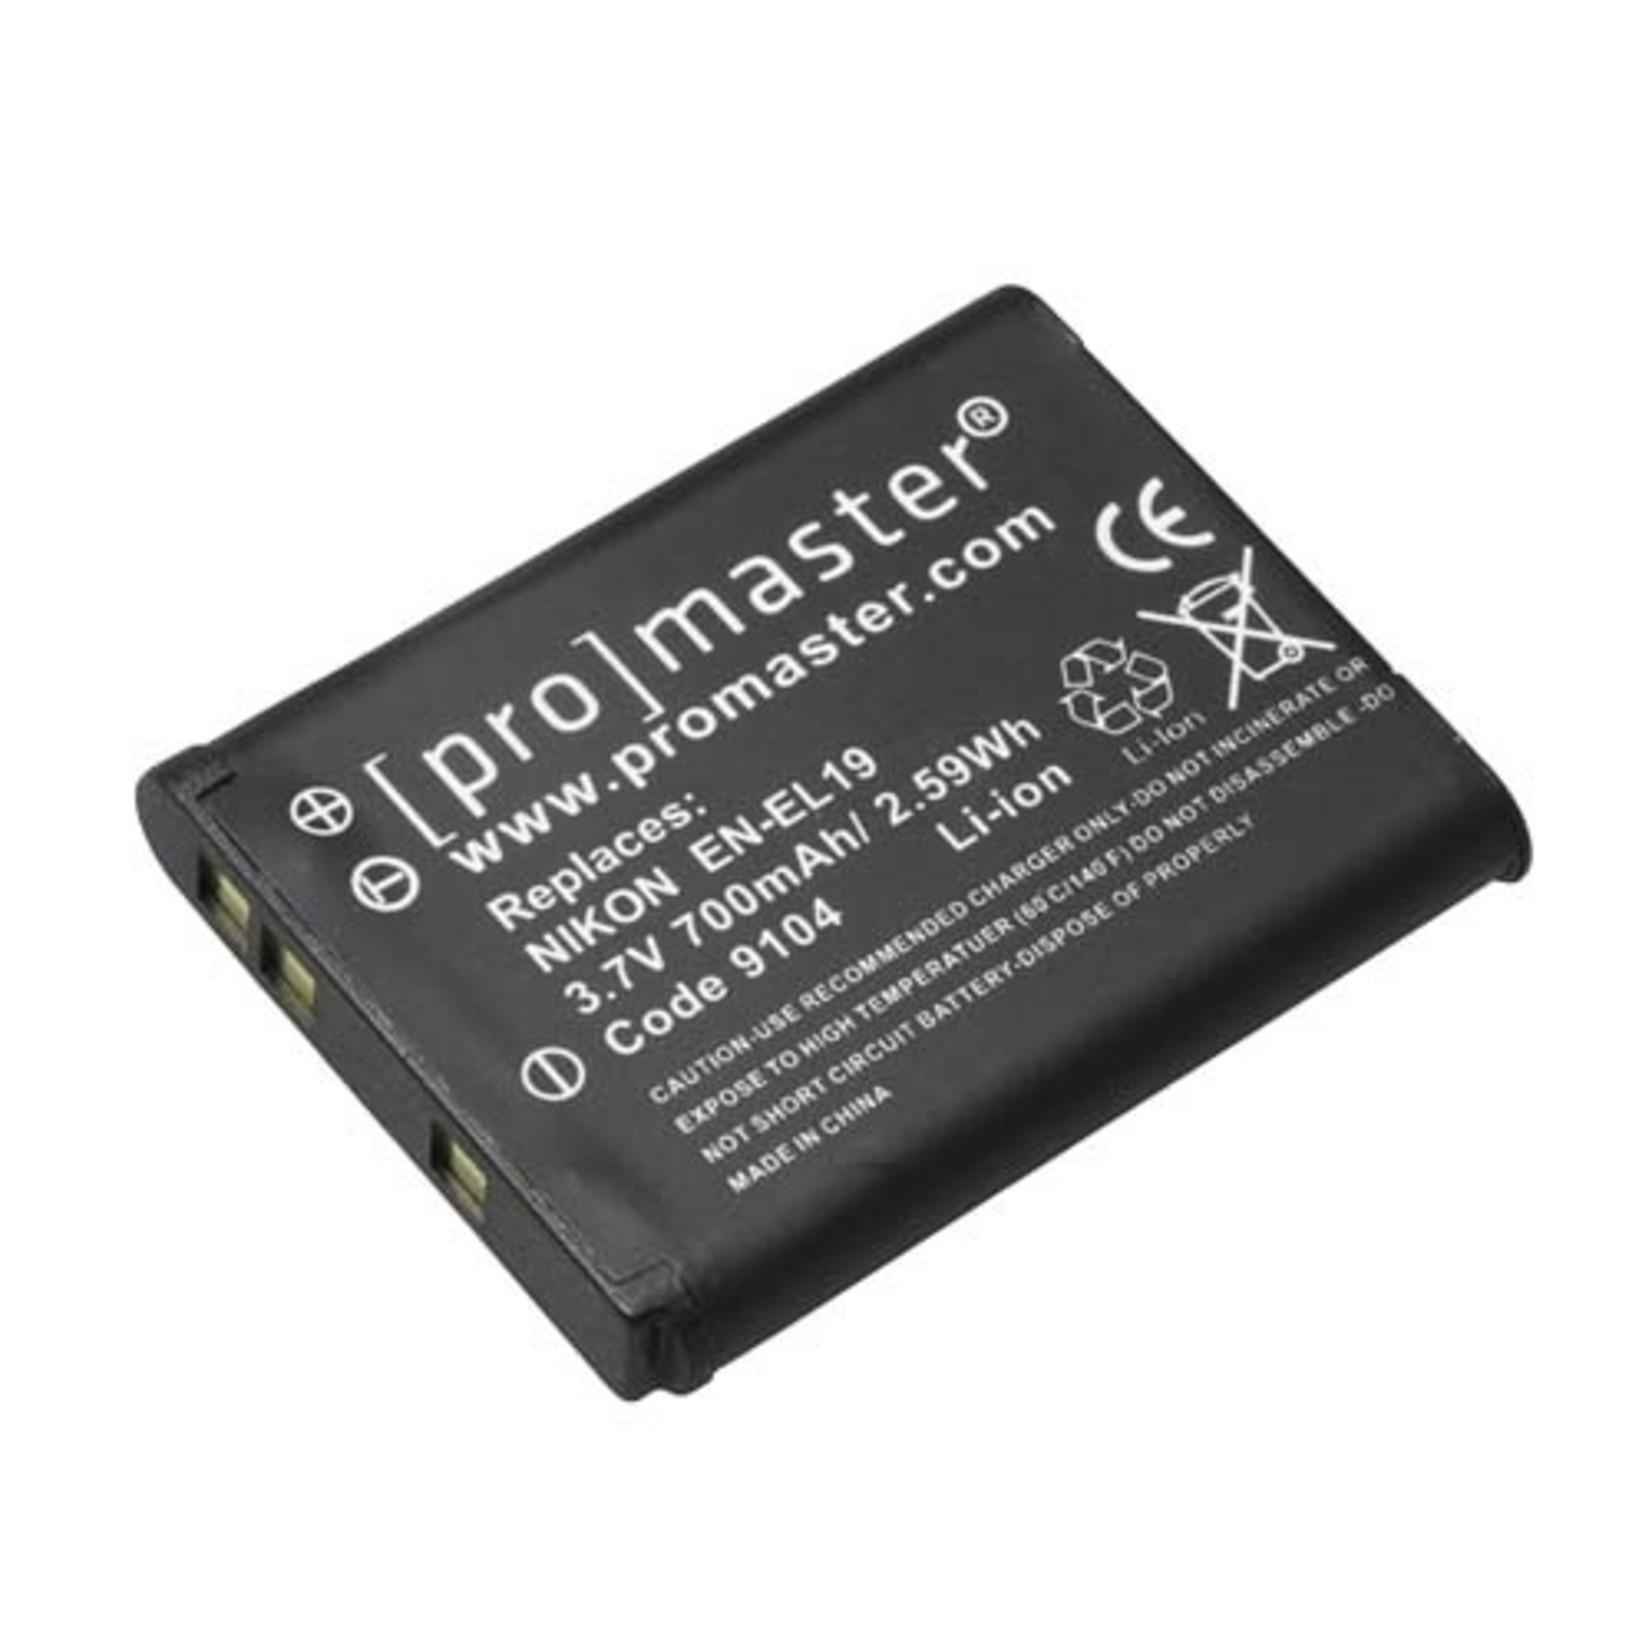 ProMaster Li-ion Battery for Nikon EN-EL19